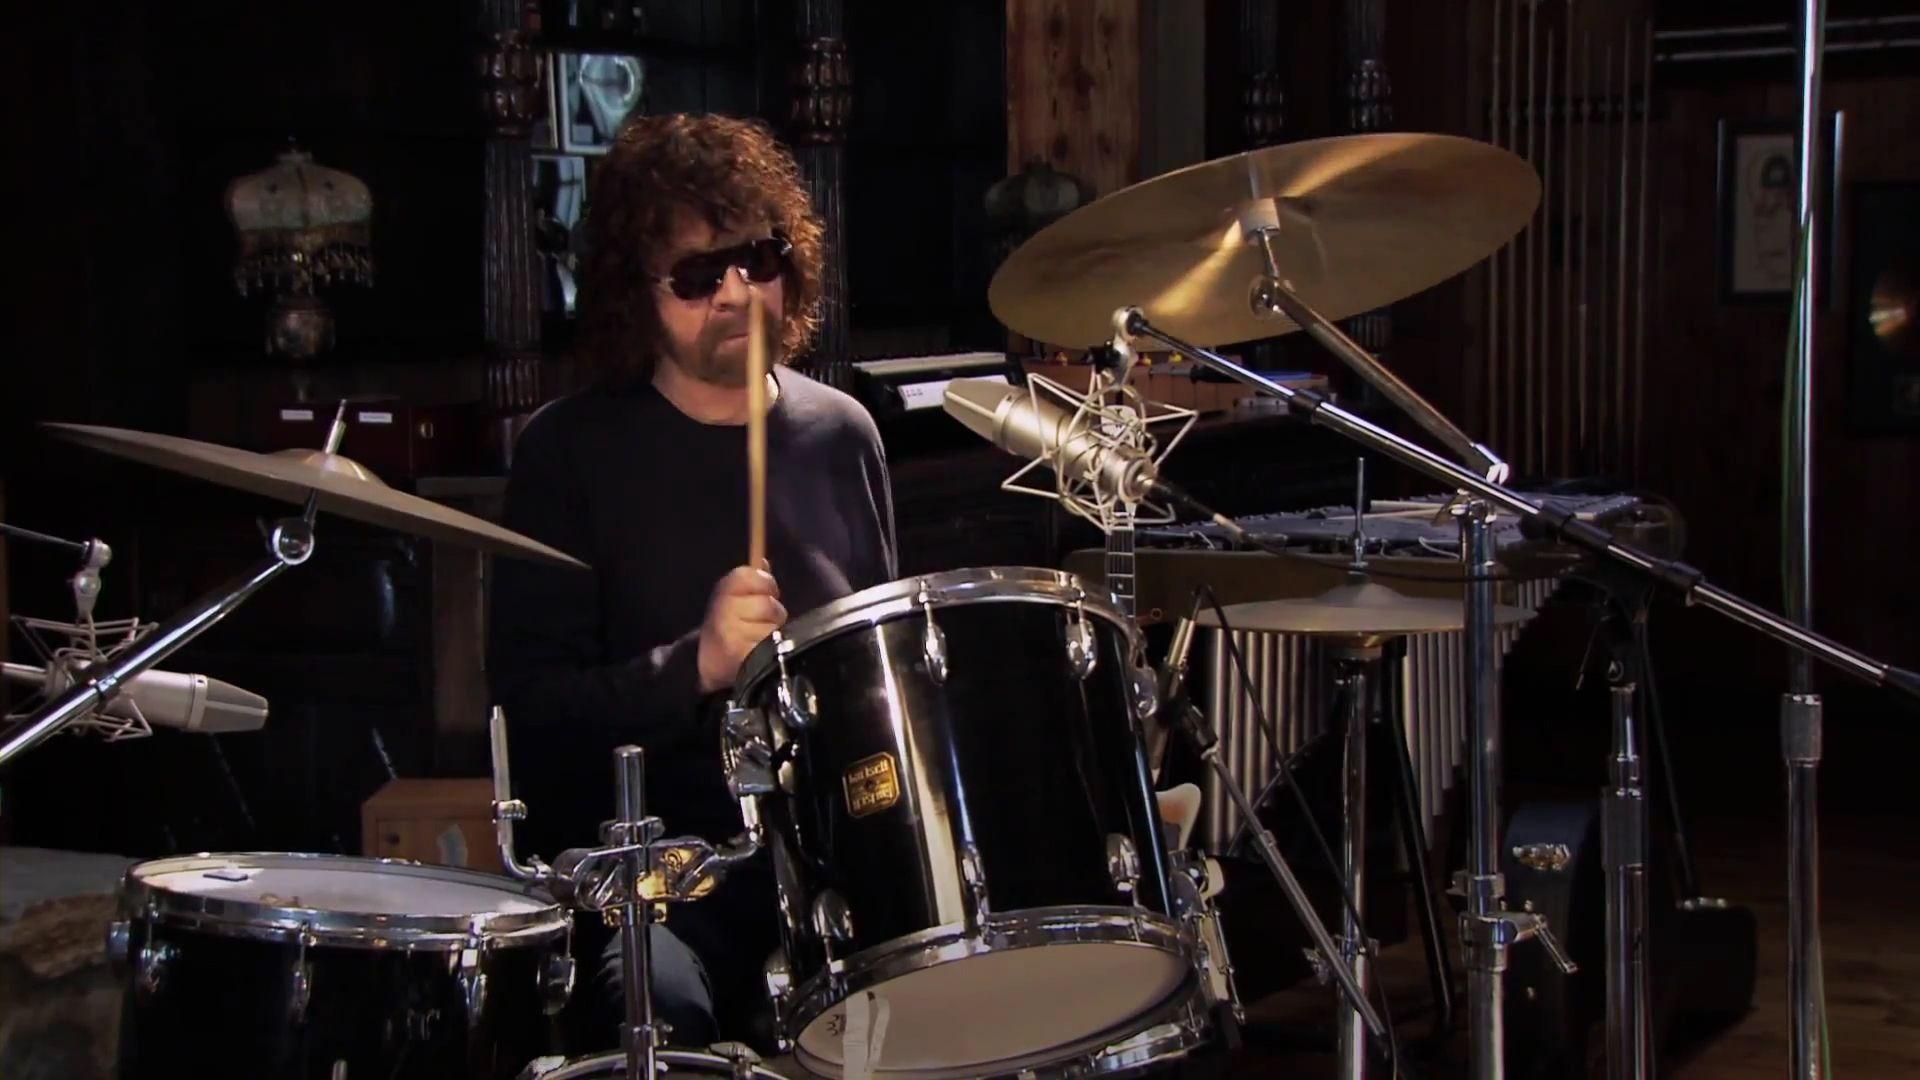 Jeff Lynne Music Fanart Fanart Tv